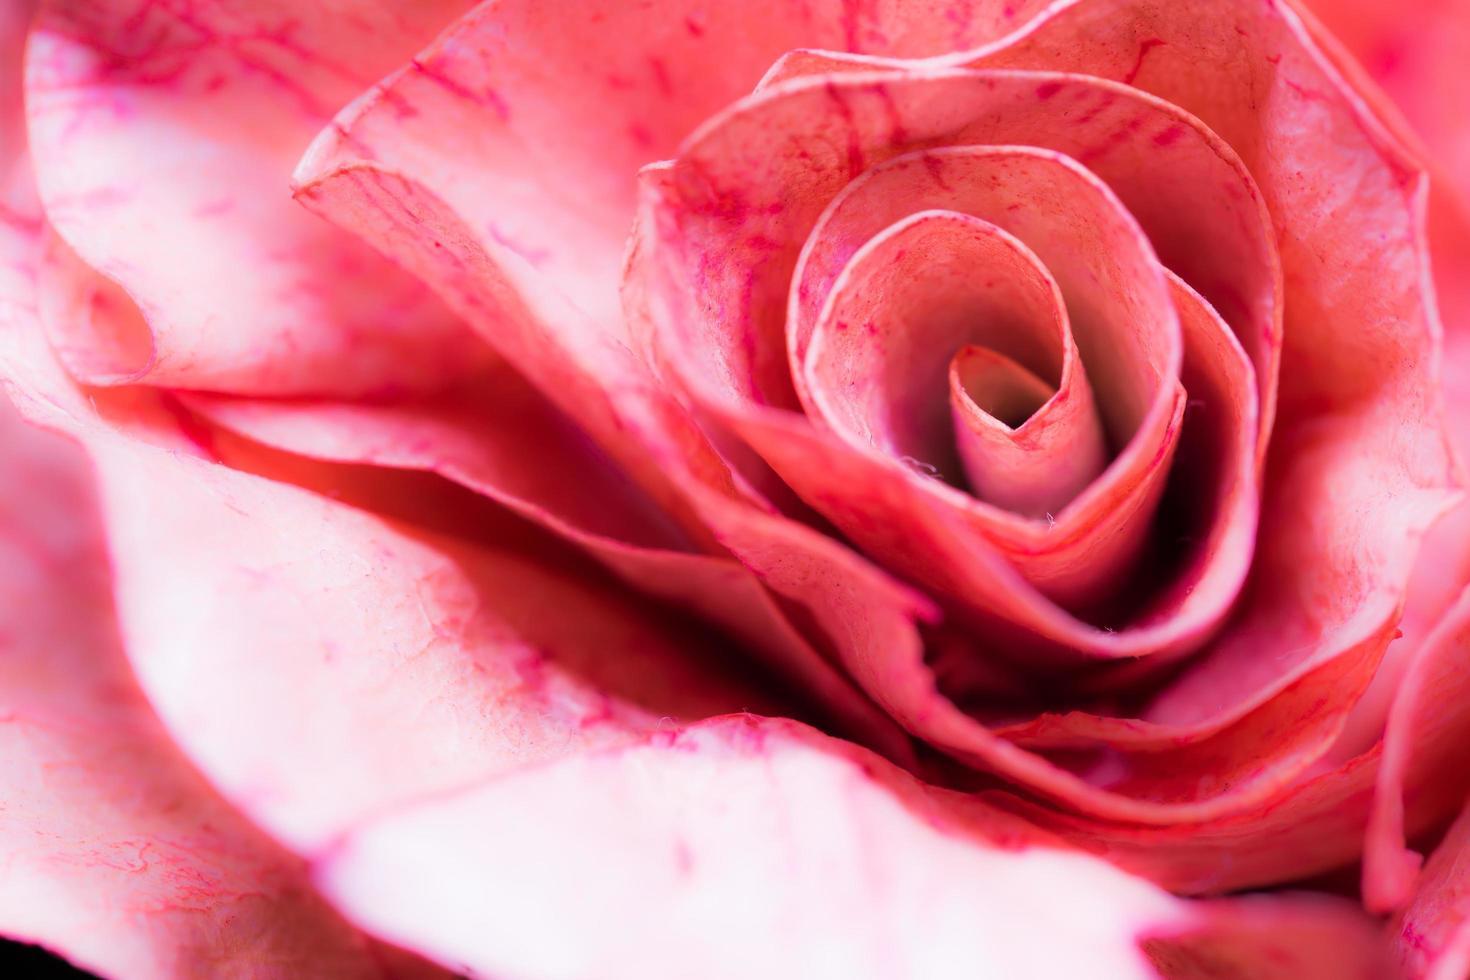 mestiere di carta rosa, primo piano di rosa fare da carta per sfondo astratto. foto